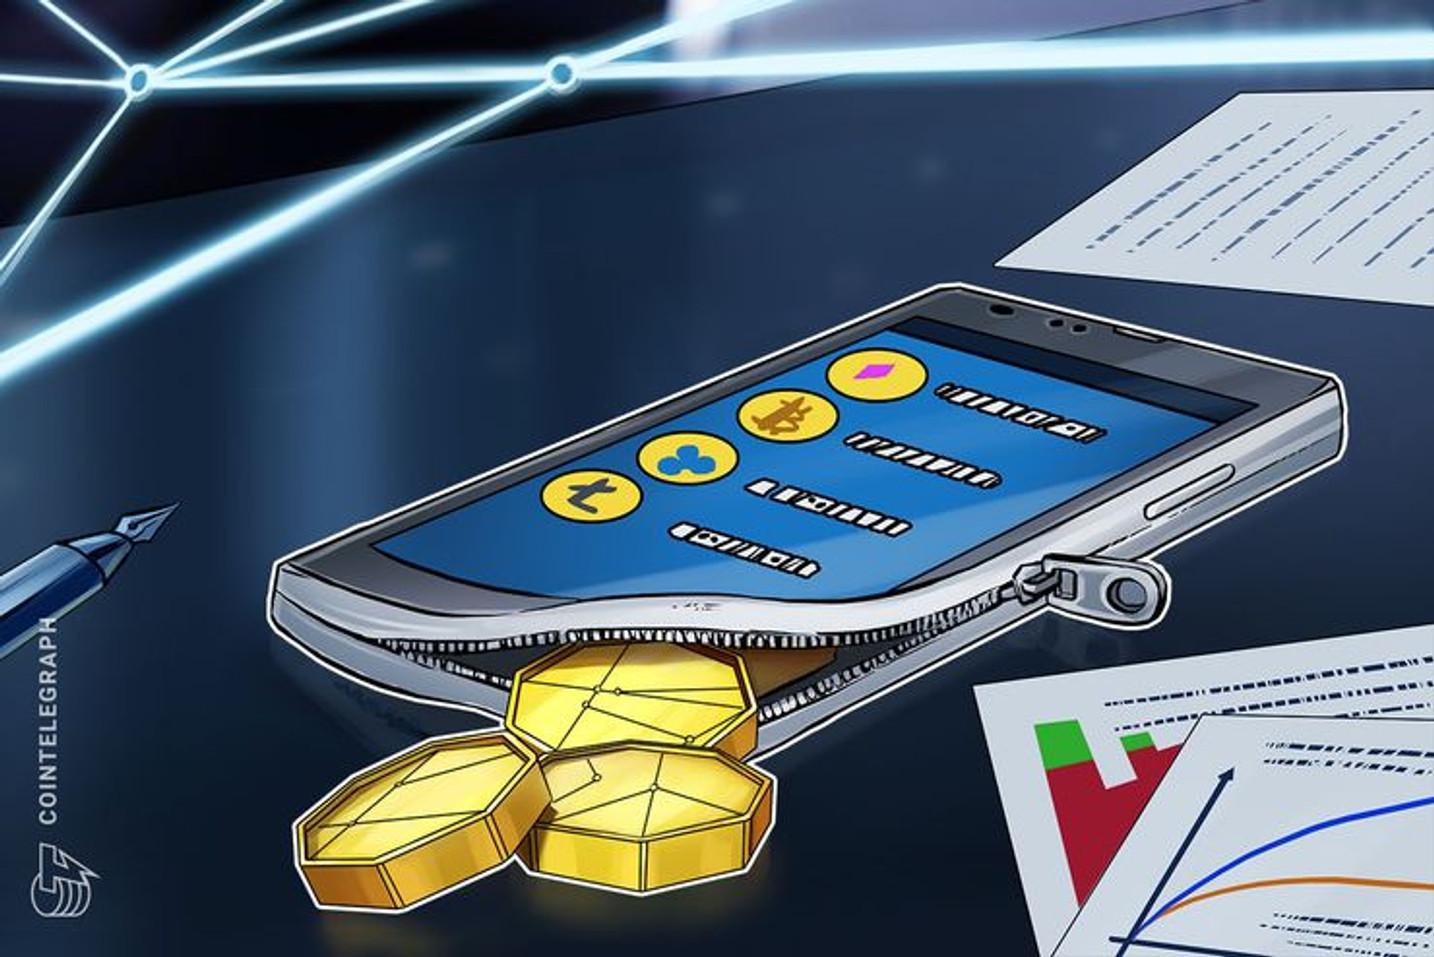 México: Según la consultora Cogeco Peer 1, el 46 por ciento de los usuarios de dispositivos móviles está interesado en criptomonedas